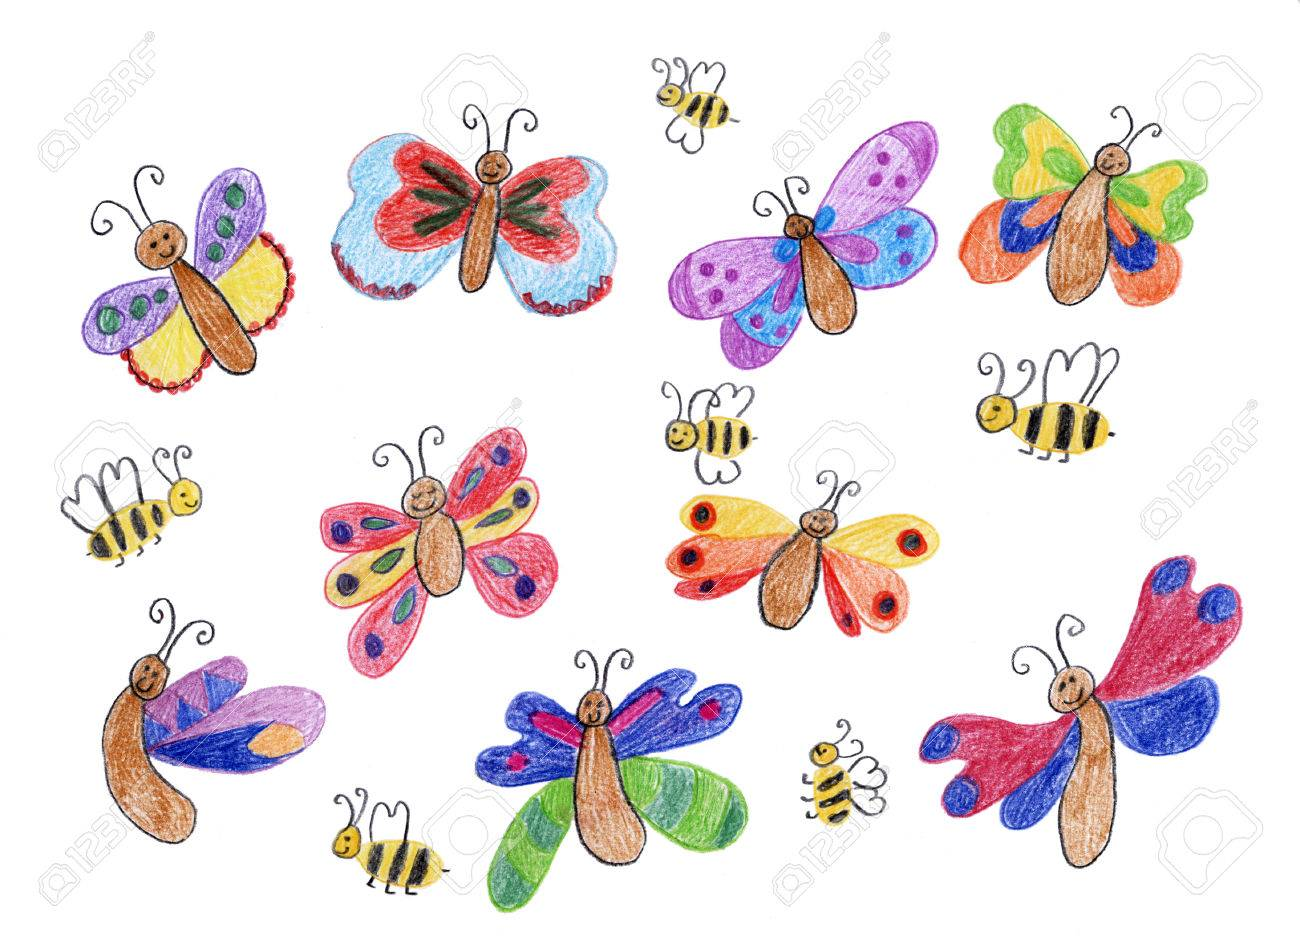 Lächelnd Schmetterlinge Und Bienen Kinder Zeichnen Lizenzfreie